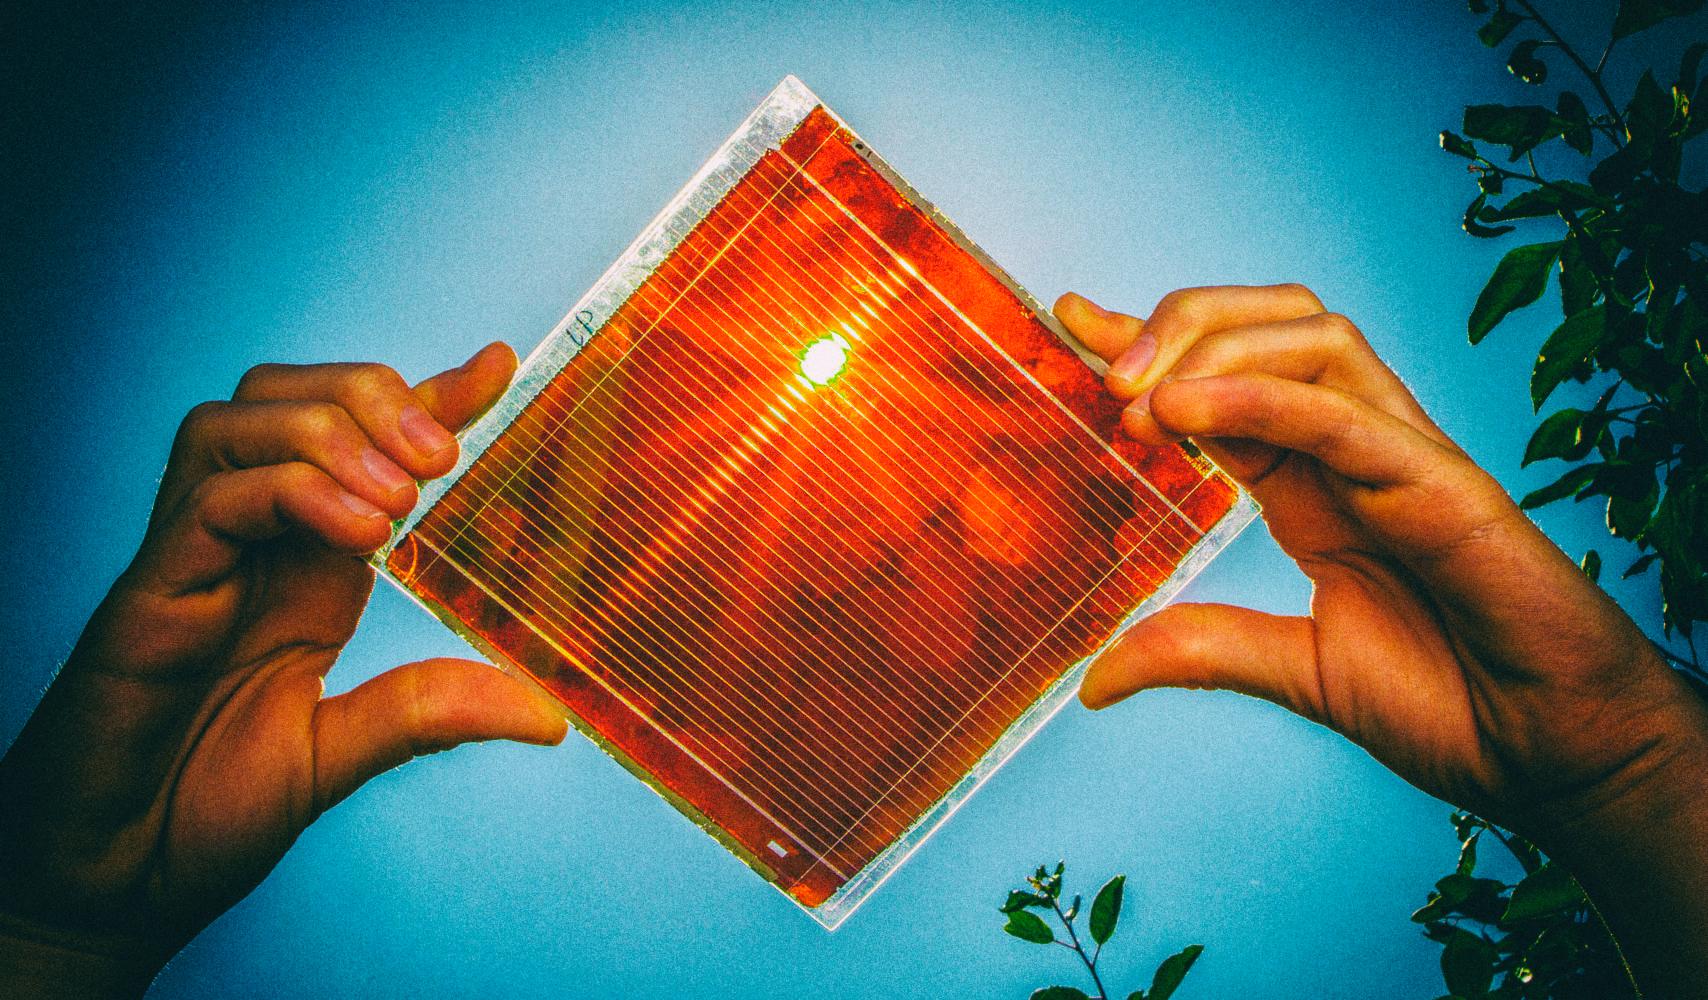 Разрабатываются солнечные панели, которые можно распылять из баллончика